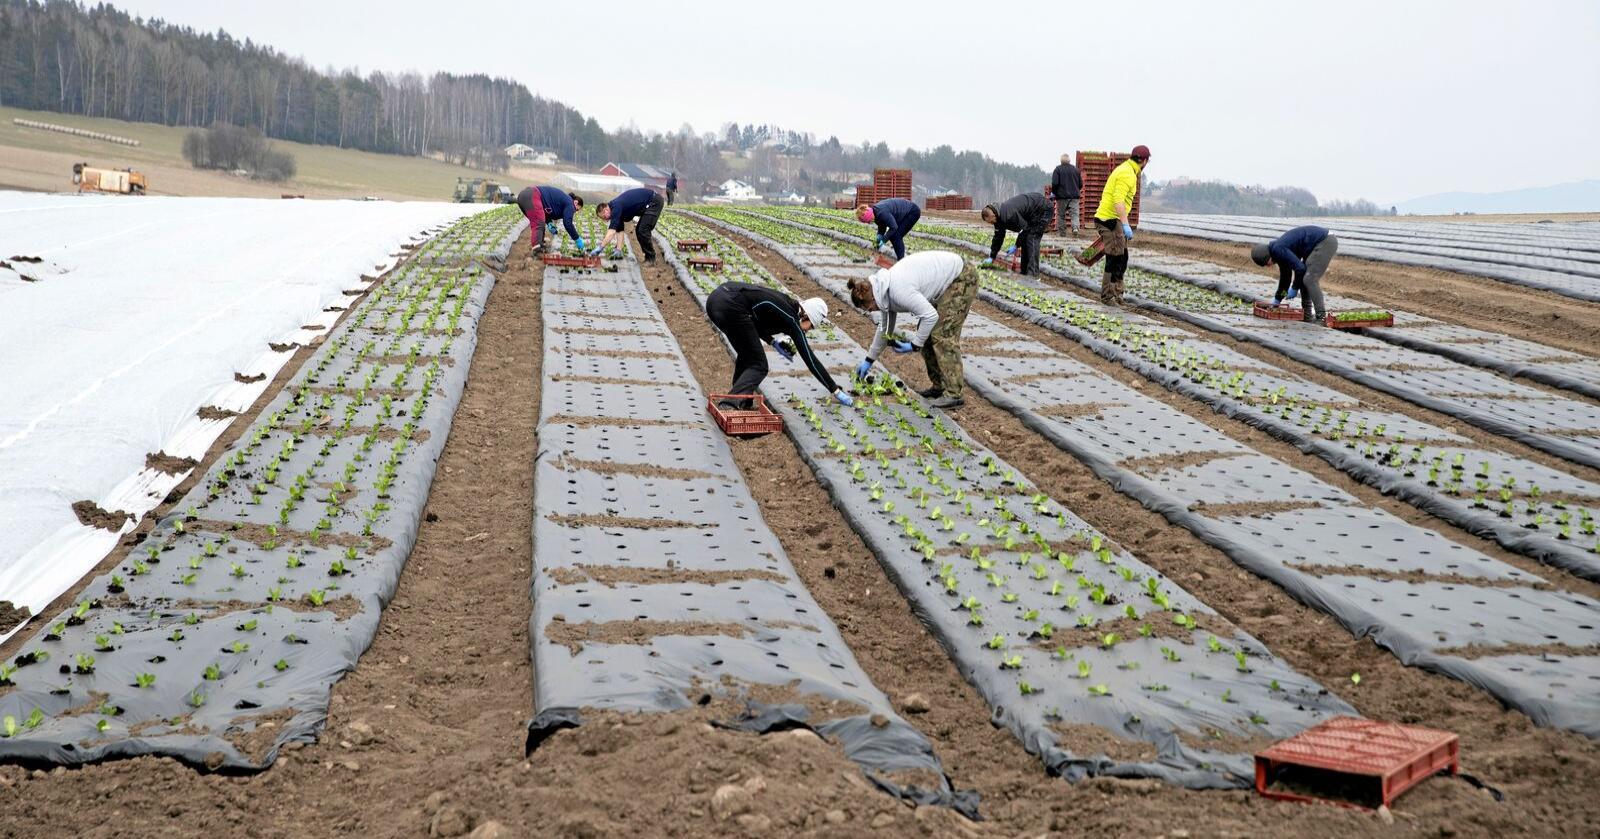 I jordbruket tar vi det for gitt at folk fremdeles skal jobbe mer for mye mindre betalt, skriver innsenderen. For ordensk skyld; bildet er ikke tatt i sammenheng med teksten. Foto: Terje Bendiksby / NTB scanpix